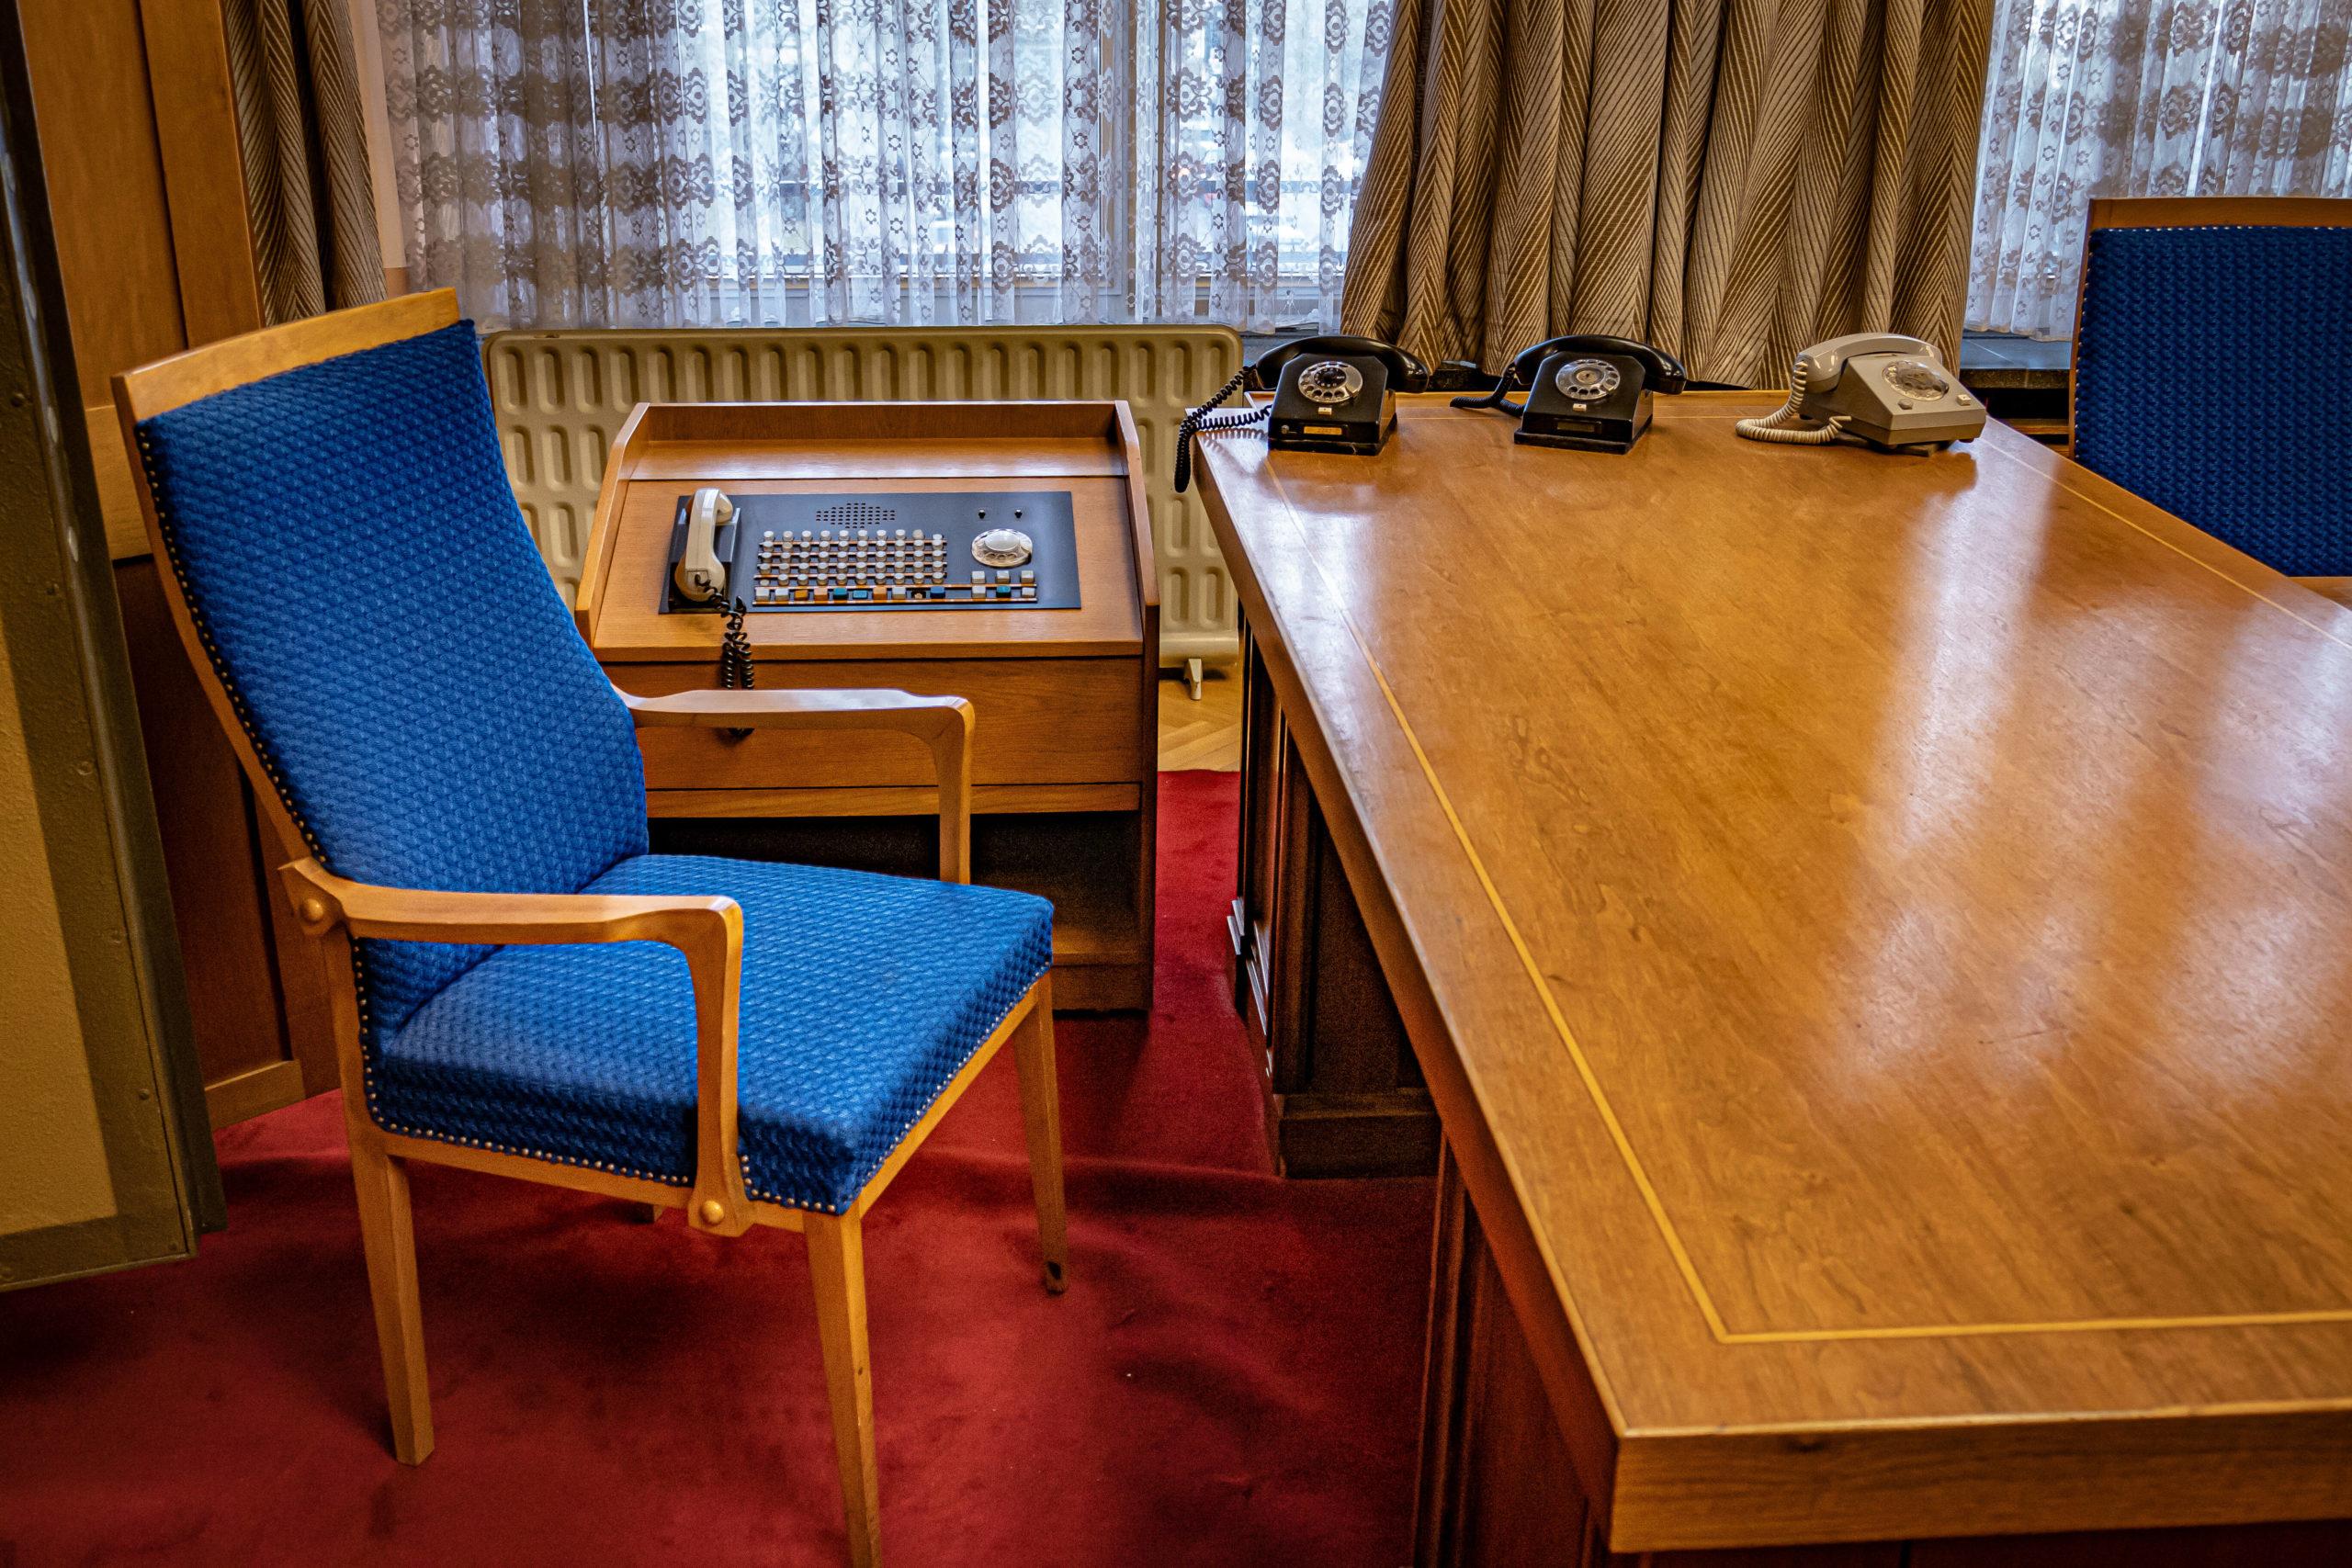 Das Büro des Ministers für Staatssicherheit, Erich Mielke, befindet sich in der zweiten Etage des Stasimuseums. Foto: Imago/Jürgen Ritter